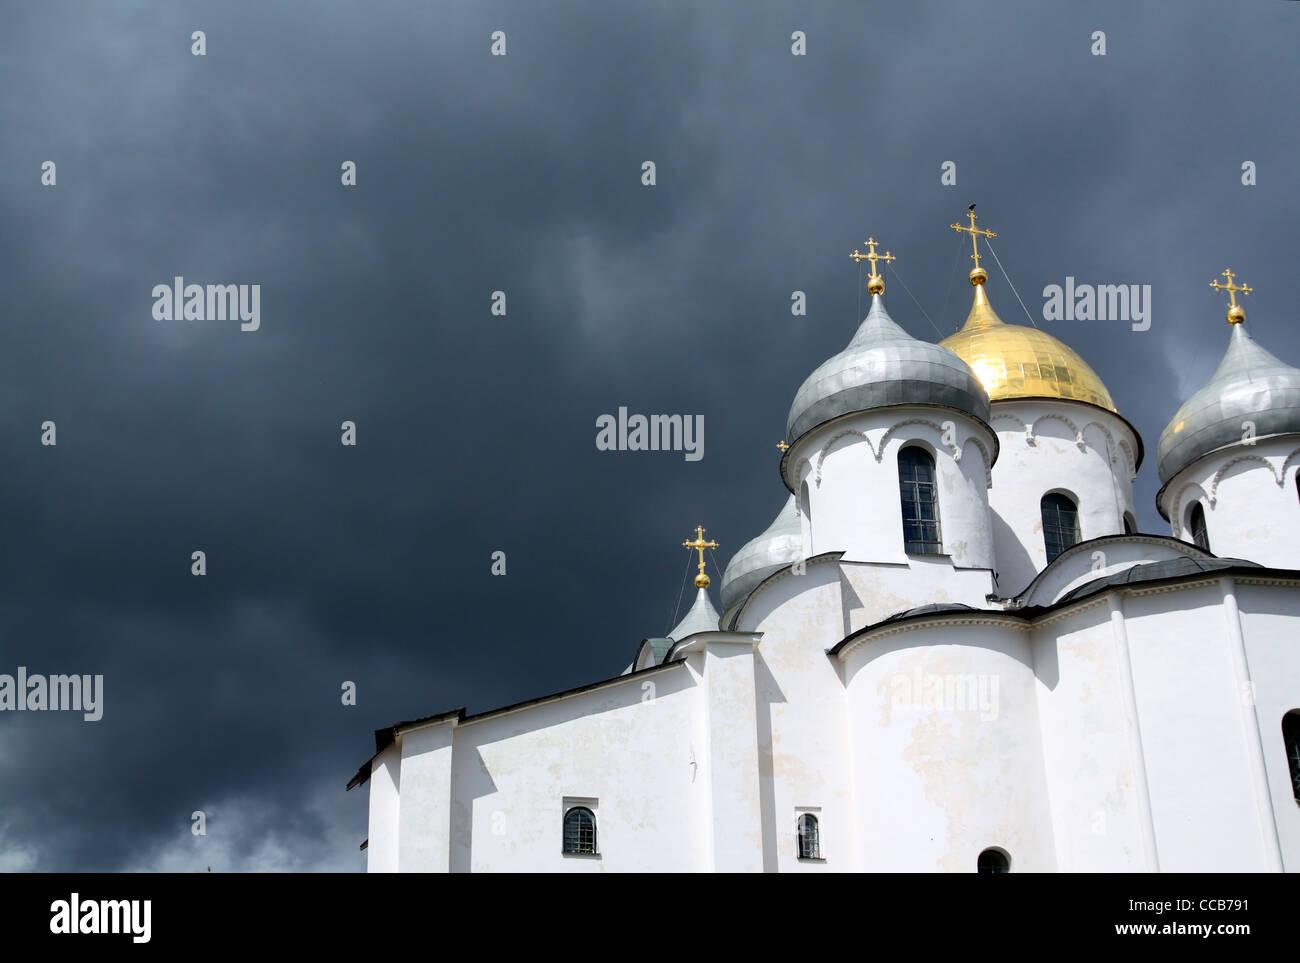 Igreja ortodoxa cristã no fundo nublado Imagens de Stock